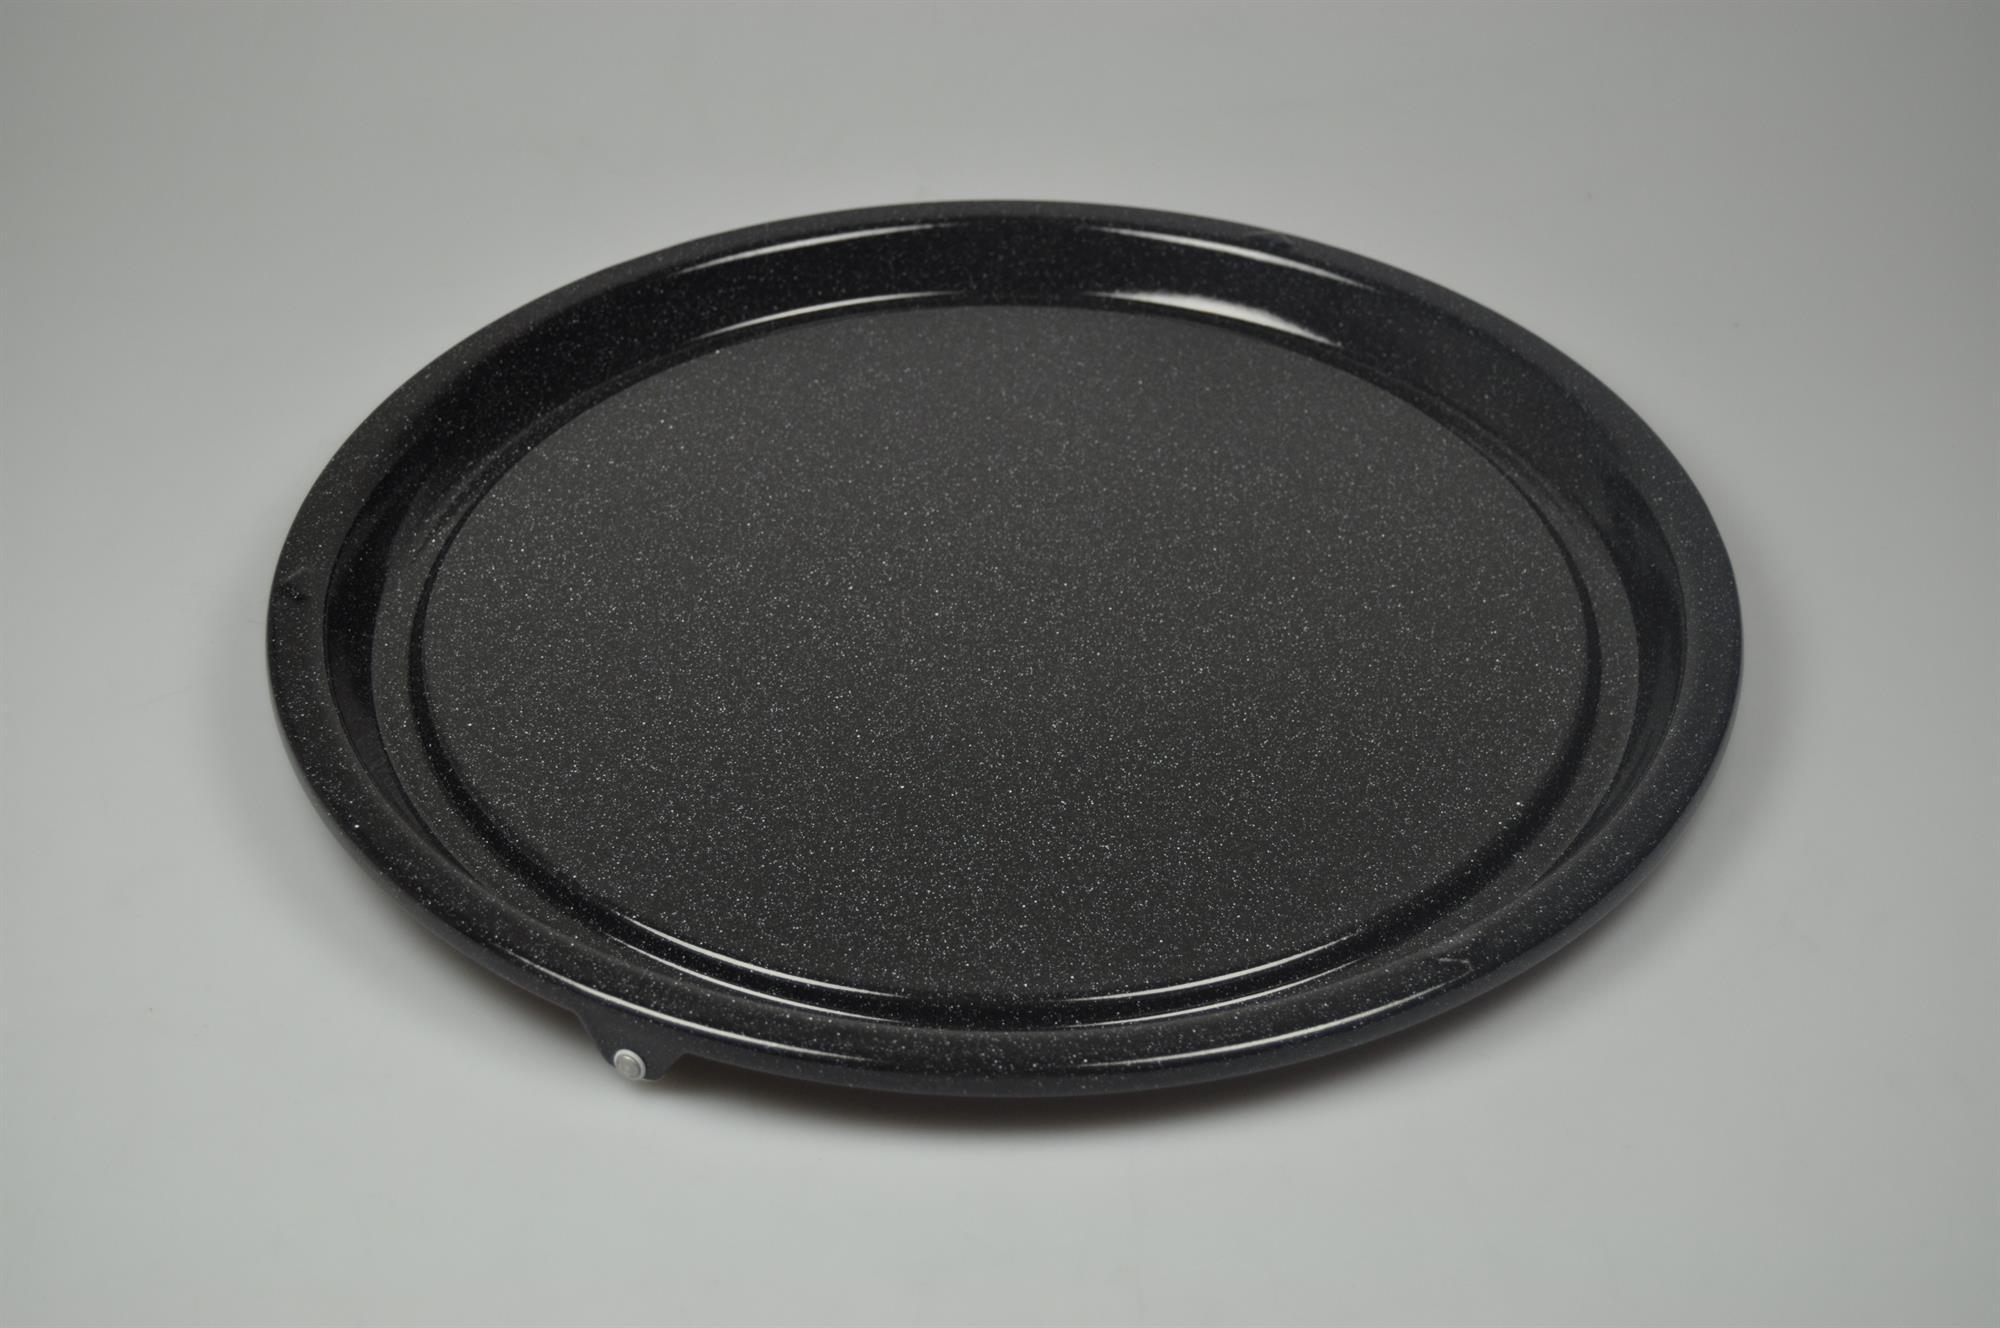 tallerken til mikroovn